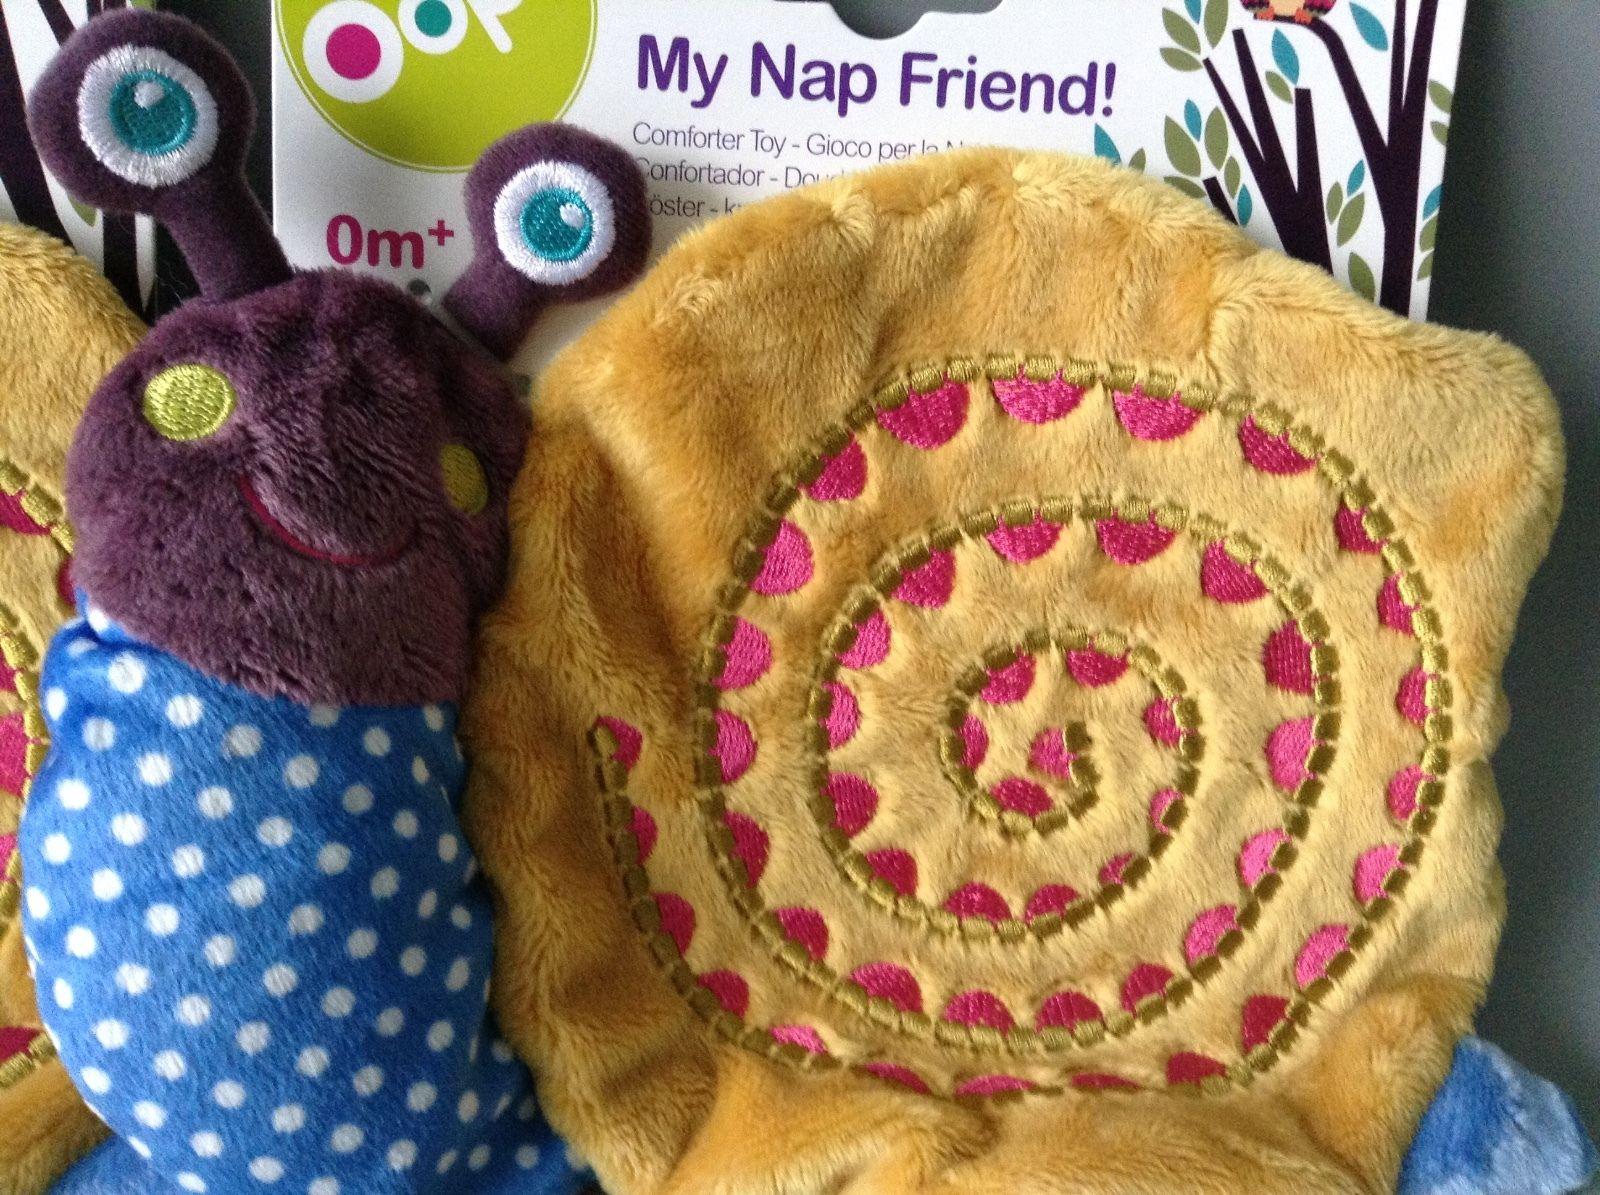 oops baby soft comforter